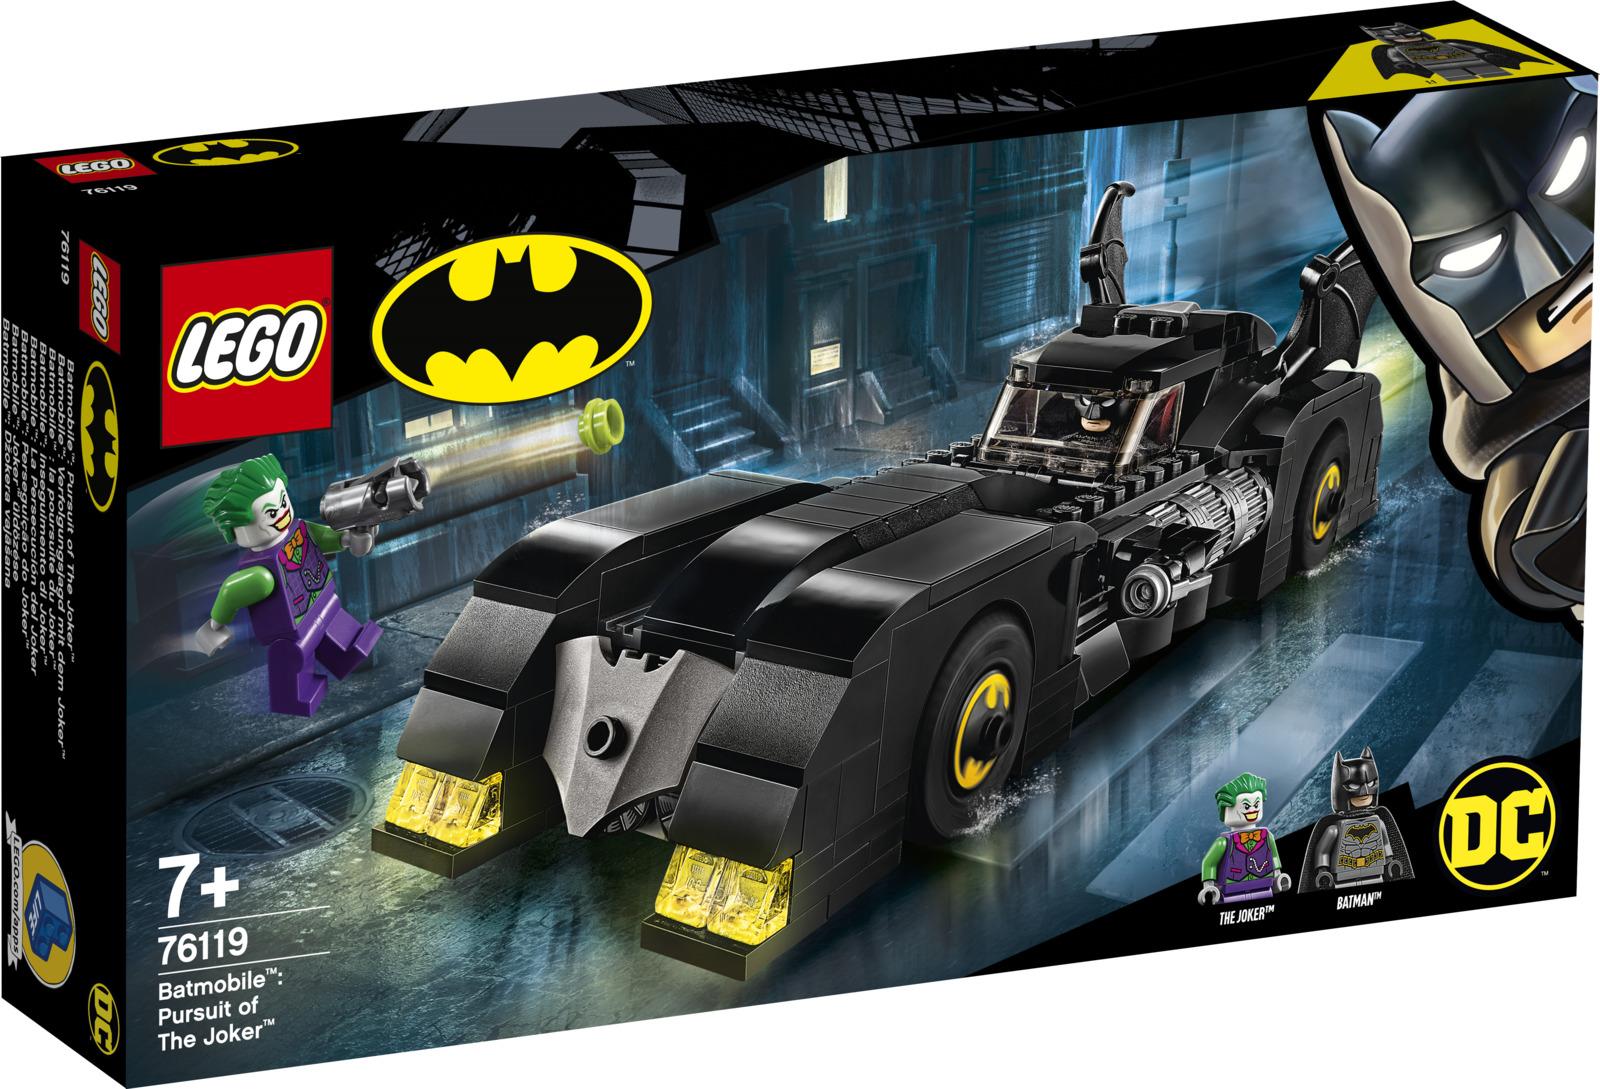 LEGO Super Heroes 76119 Бэтмобиль: Погоня за Джокером Конструктор